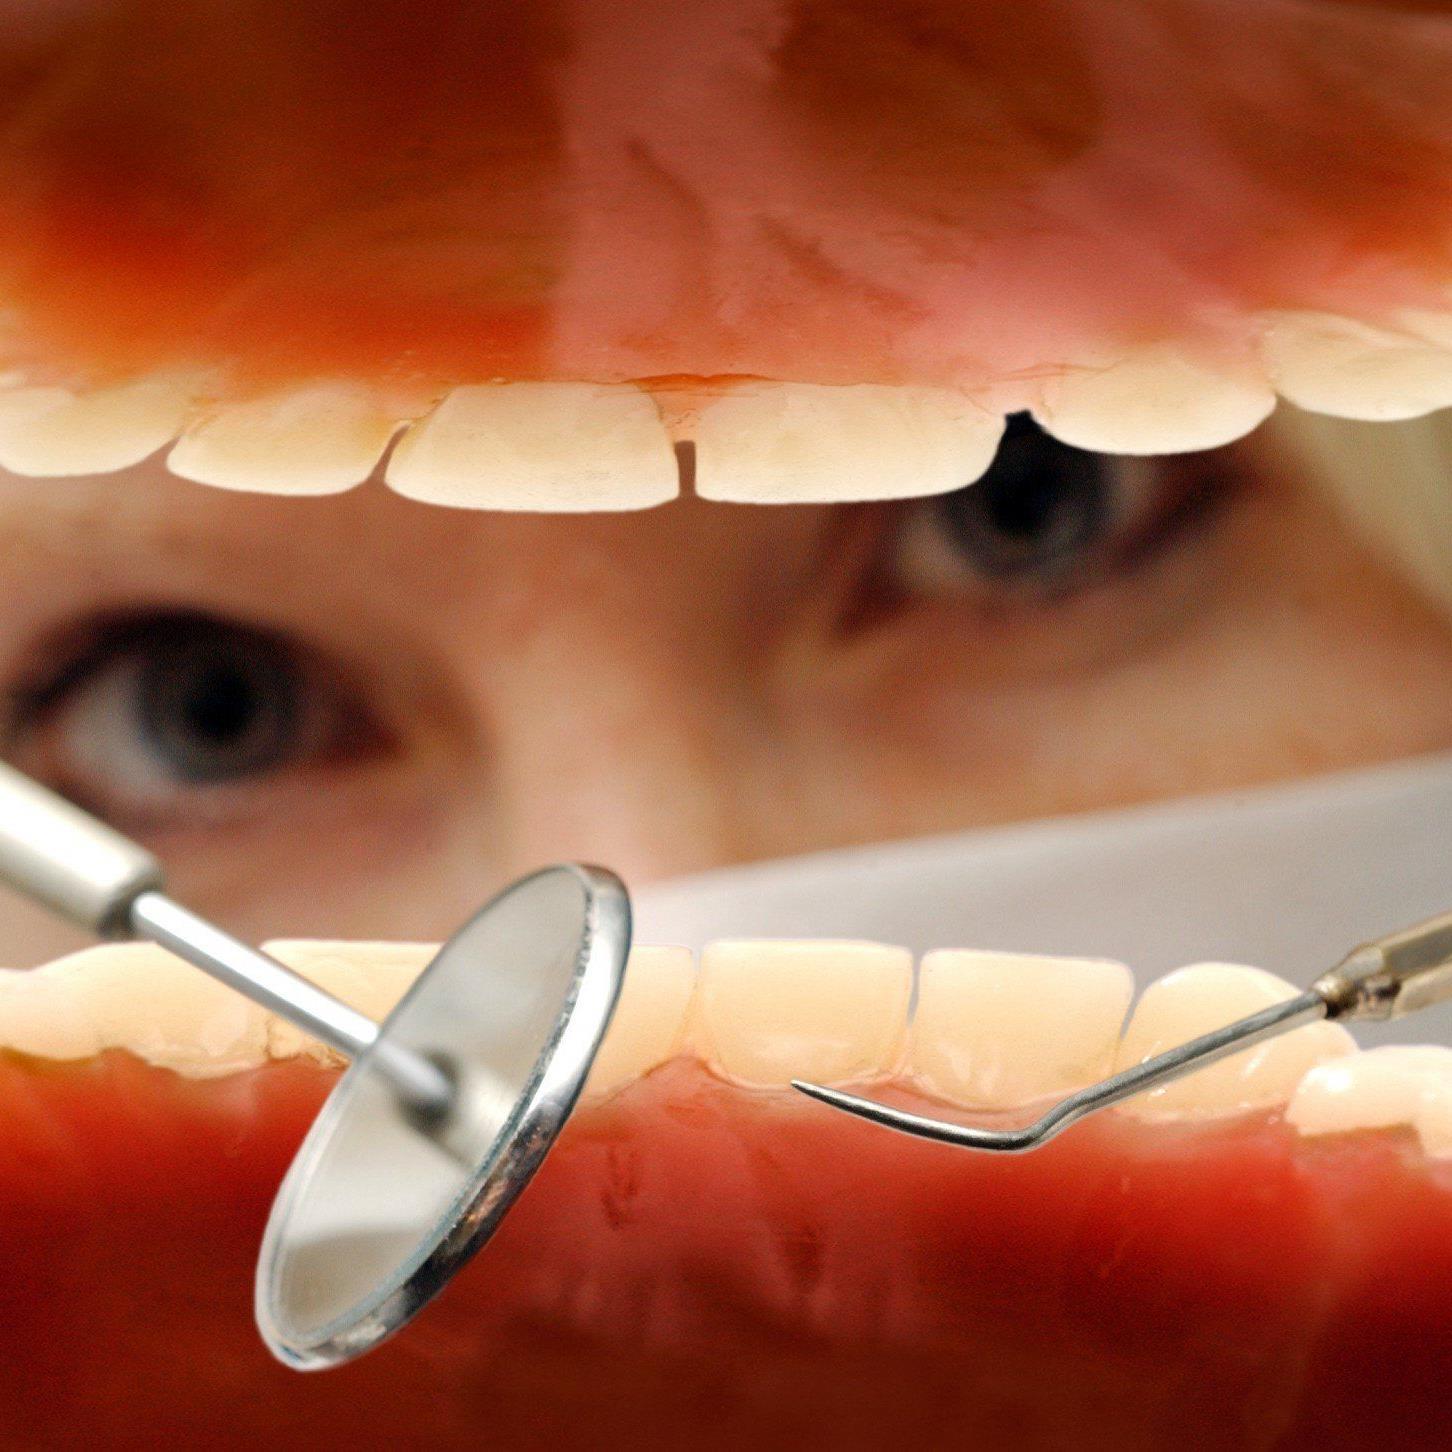 Schelling stellt mehr Leistungen für Zähne in Aussicht.